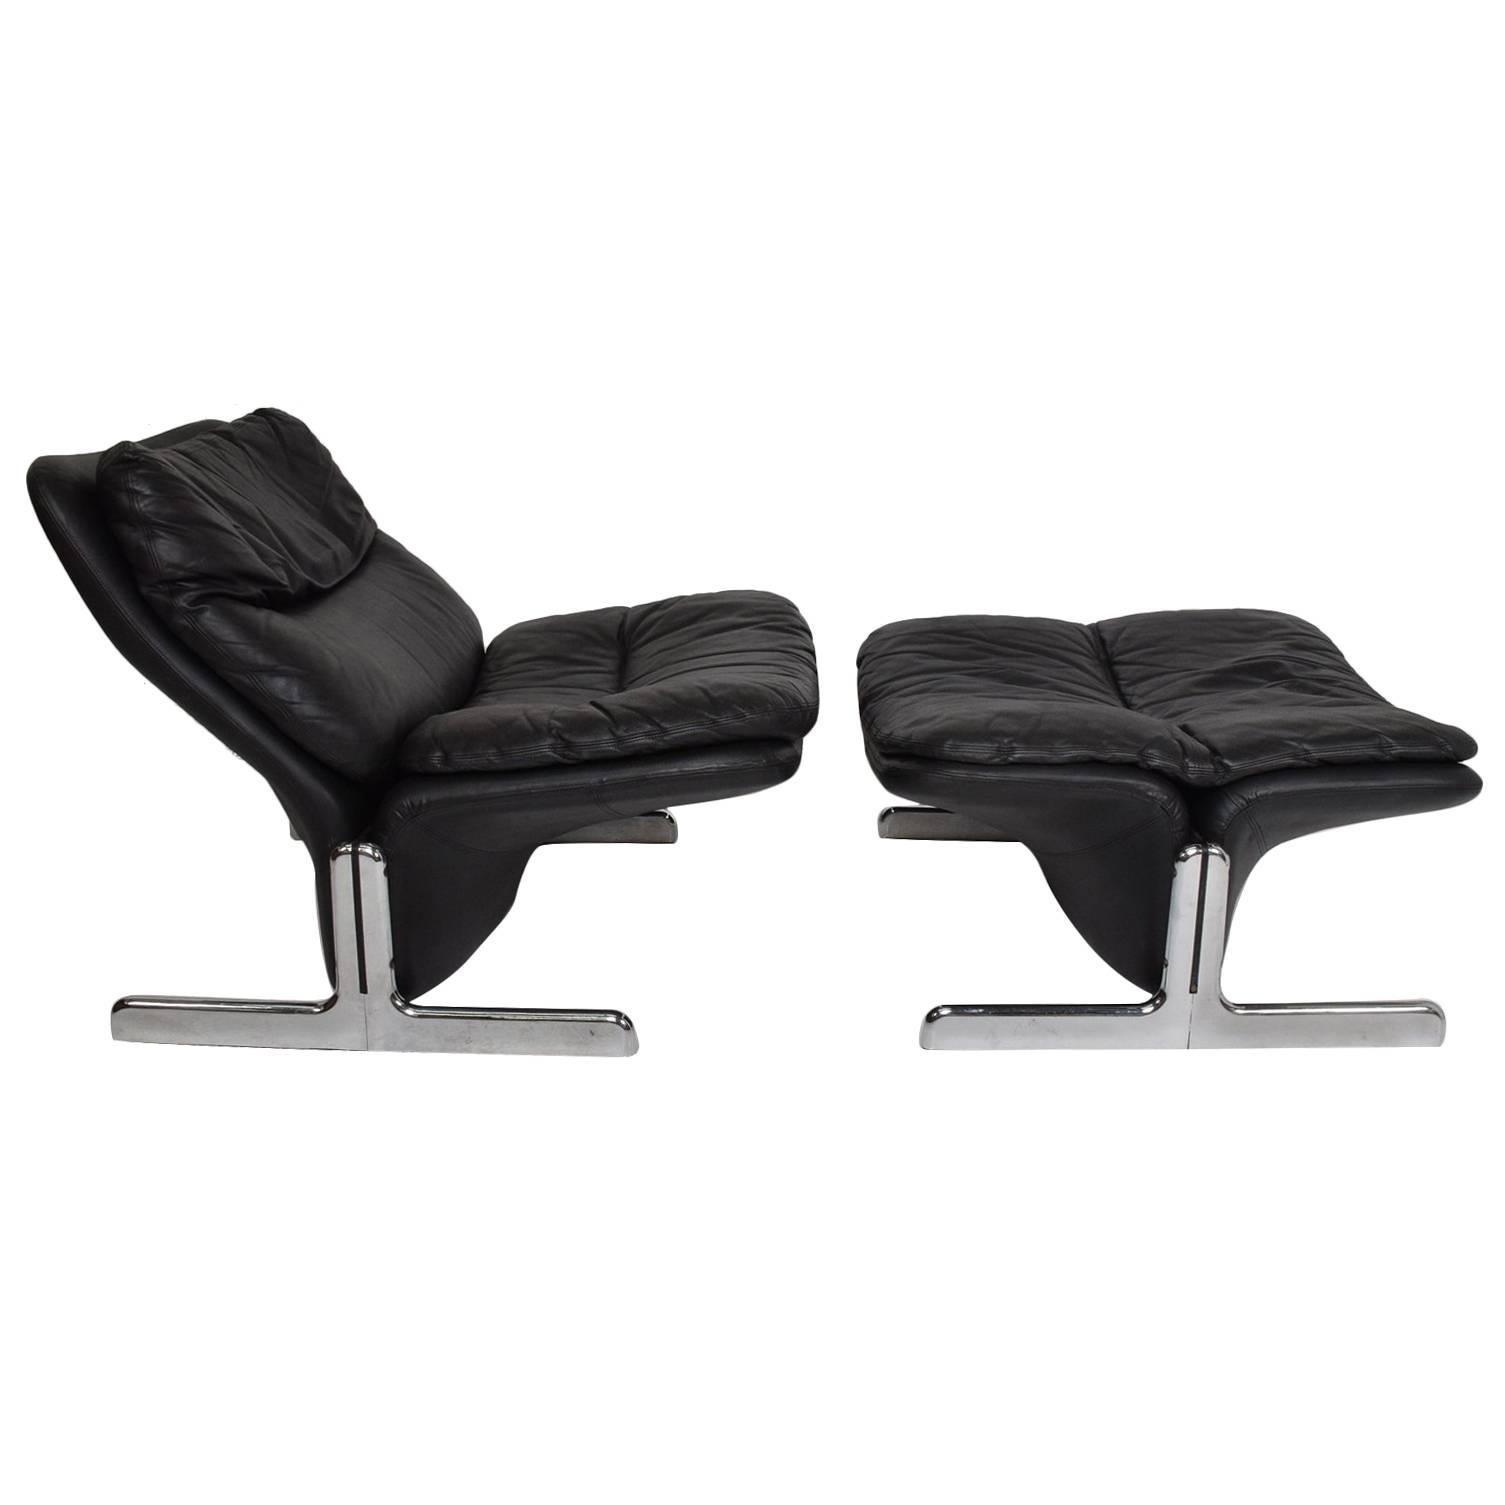 1970s Sleek Leather Lounge Chair & Ottoman Tittina Ammannati & Vitelli - ITALY